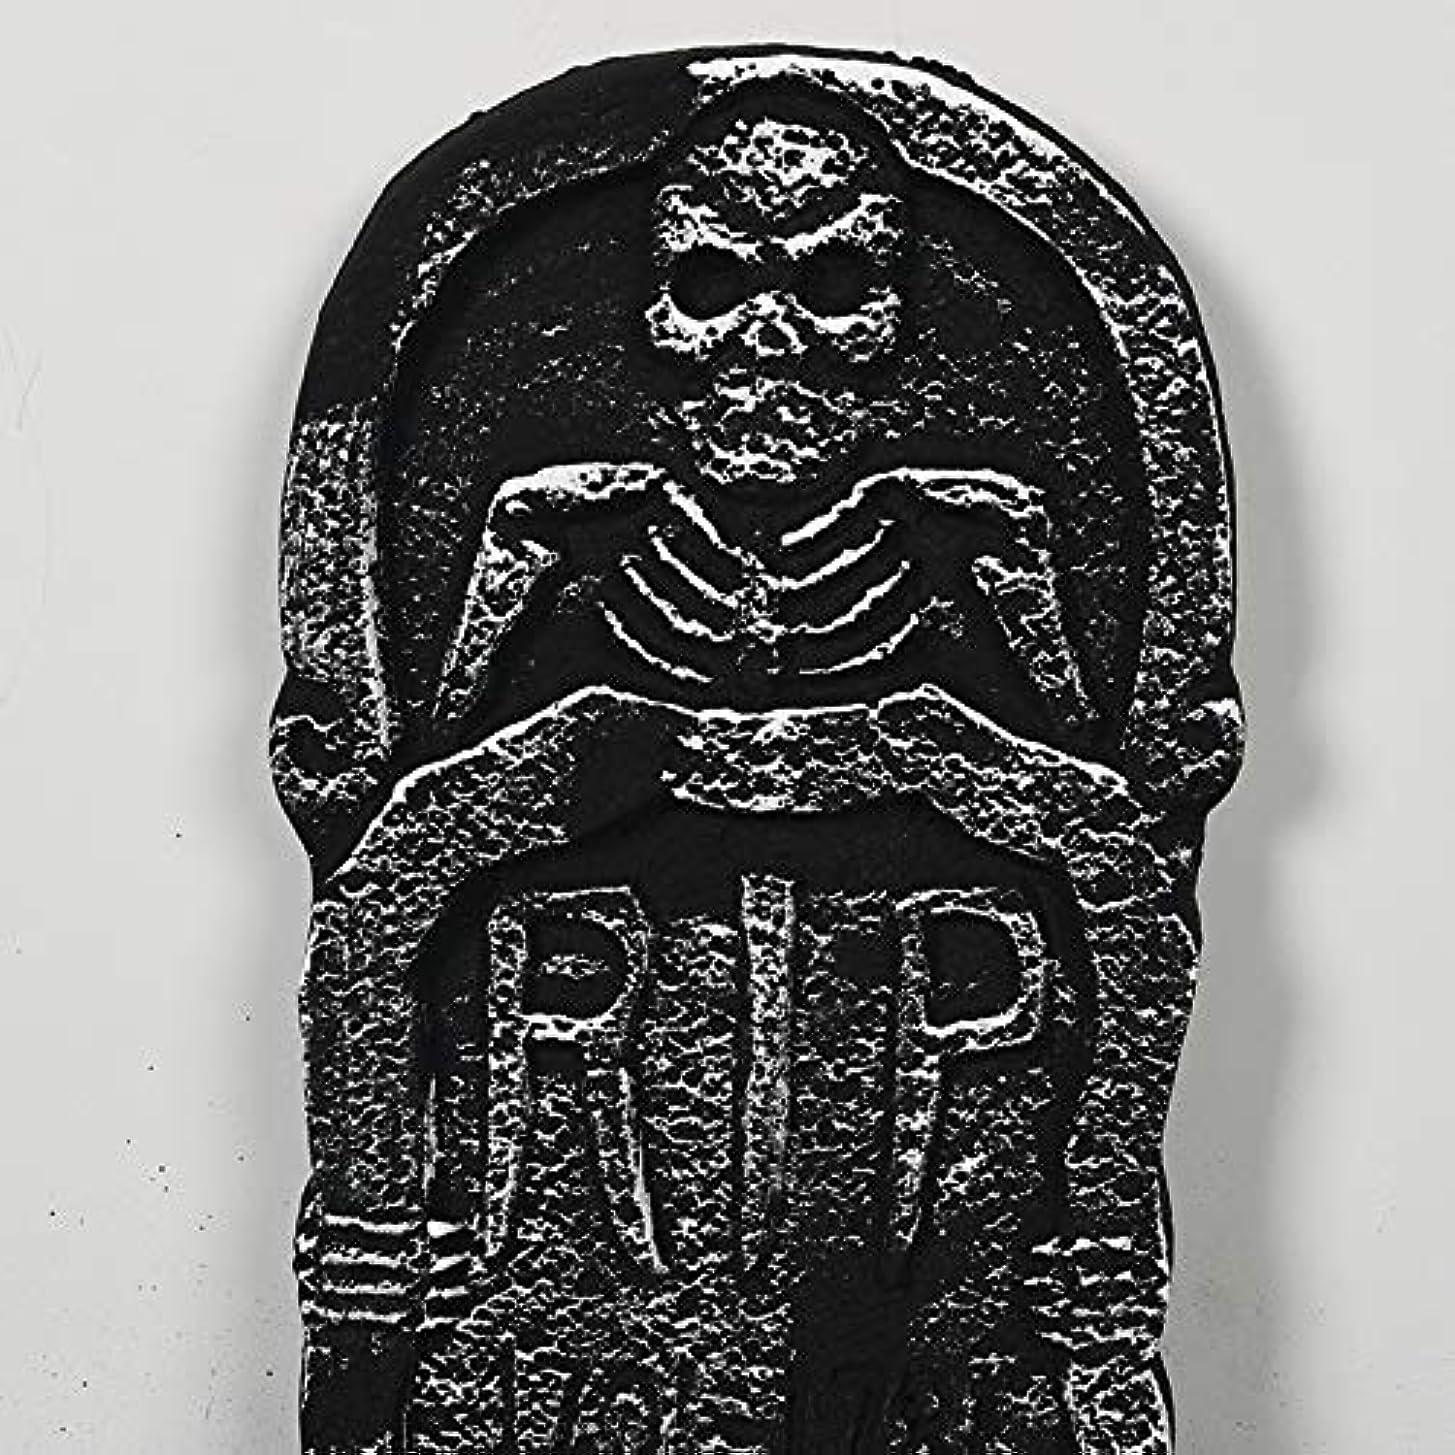 虐殺リンス半径ETRRUU HOME 4ピース三次元墓石ハロウィーン装飾バーお化け屋敷の秘密の部屋怖い装飾パーティー雰囲気レイアウト小道具